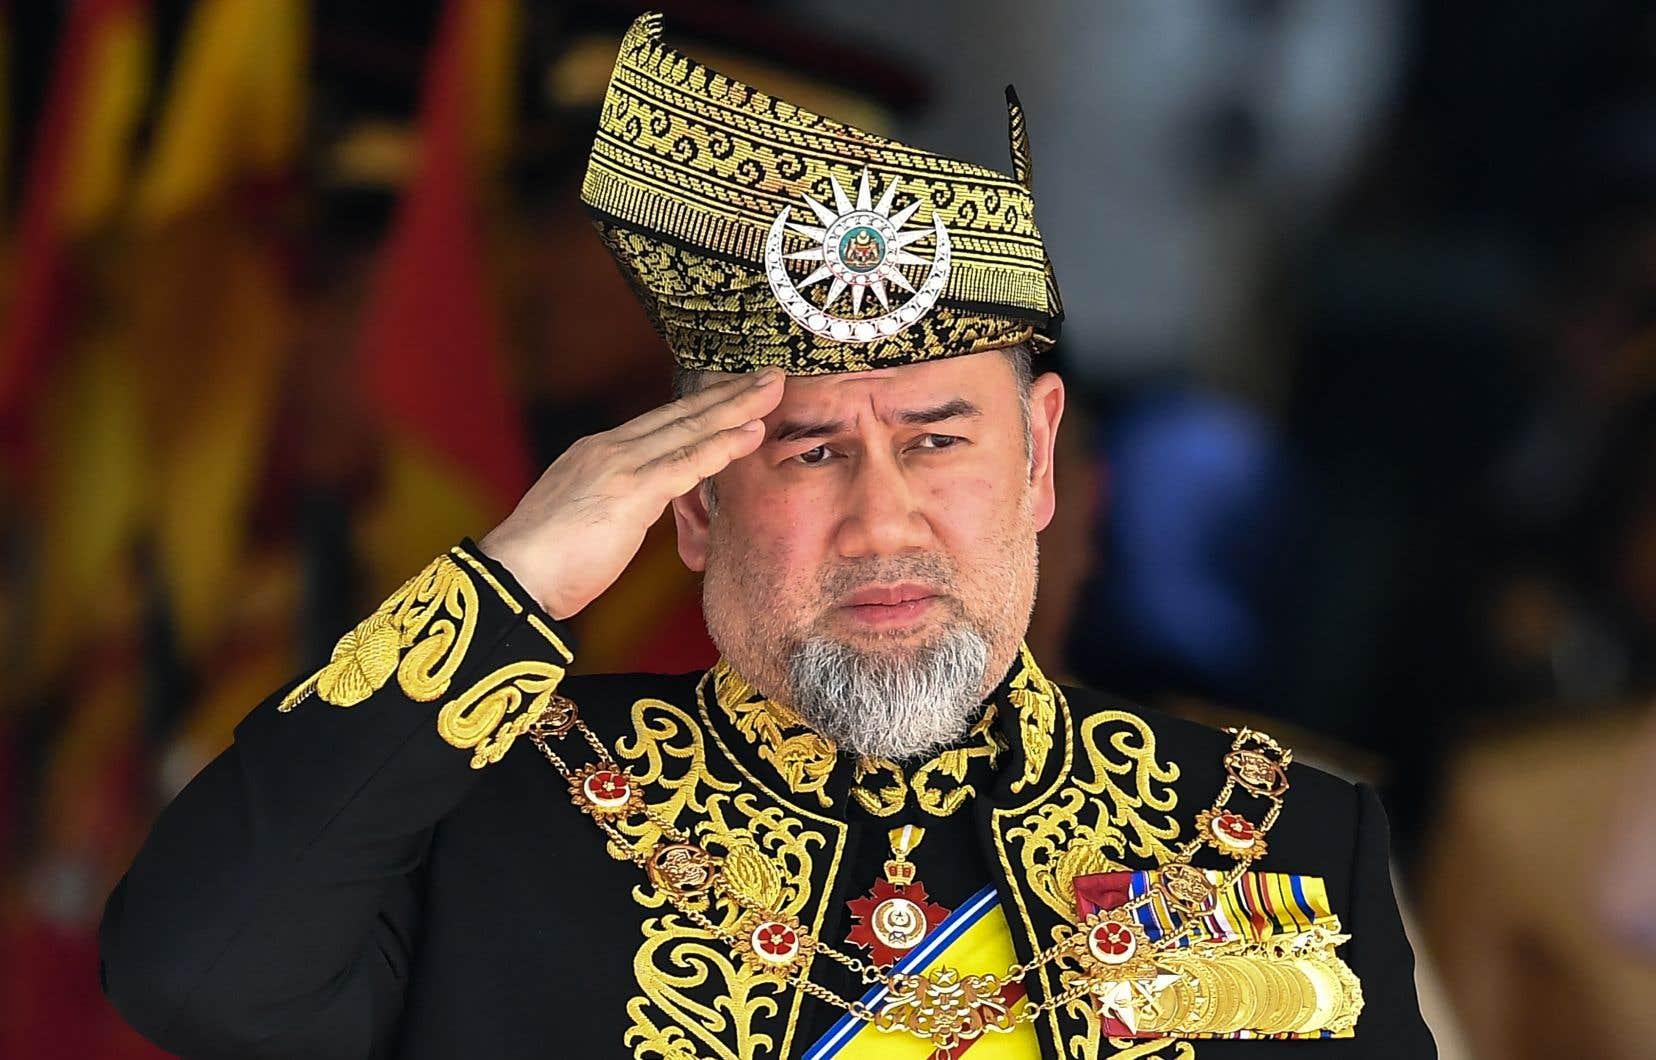 Le sultan Muhammad V est le premier roi de Malaisie à abdiquer depuis que le pays a regagné son indépendance de la Grande-Bretagne en 1957.